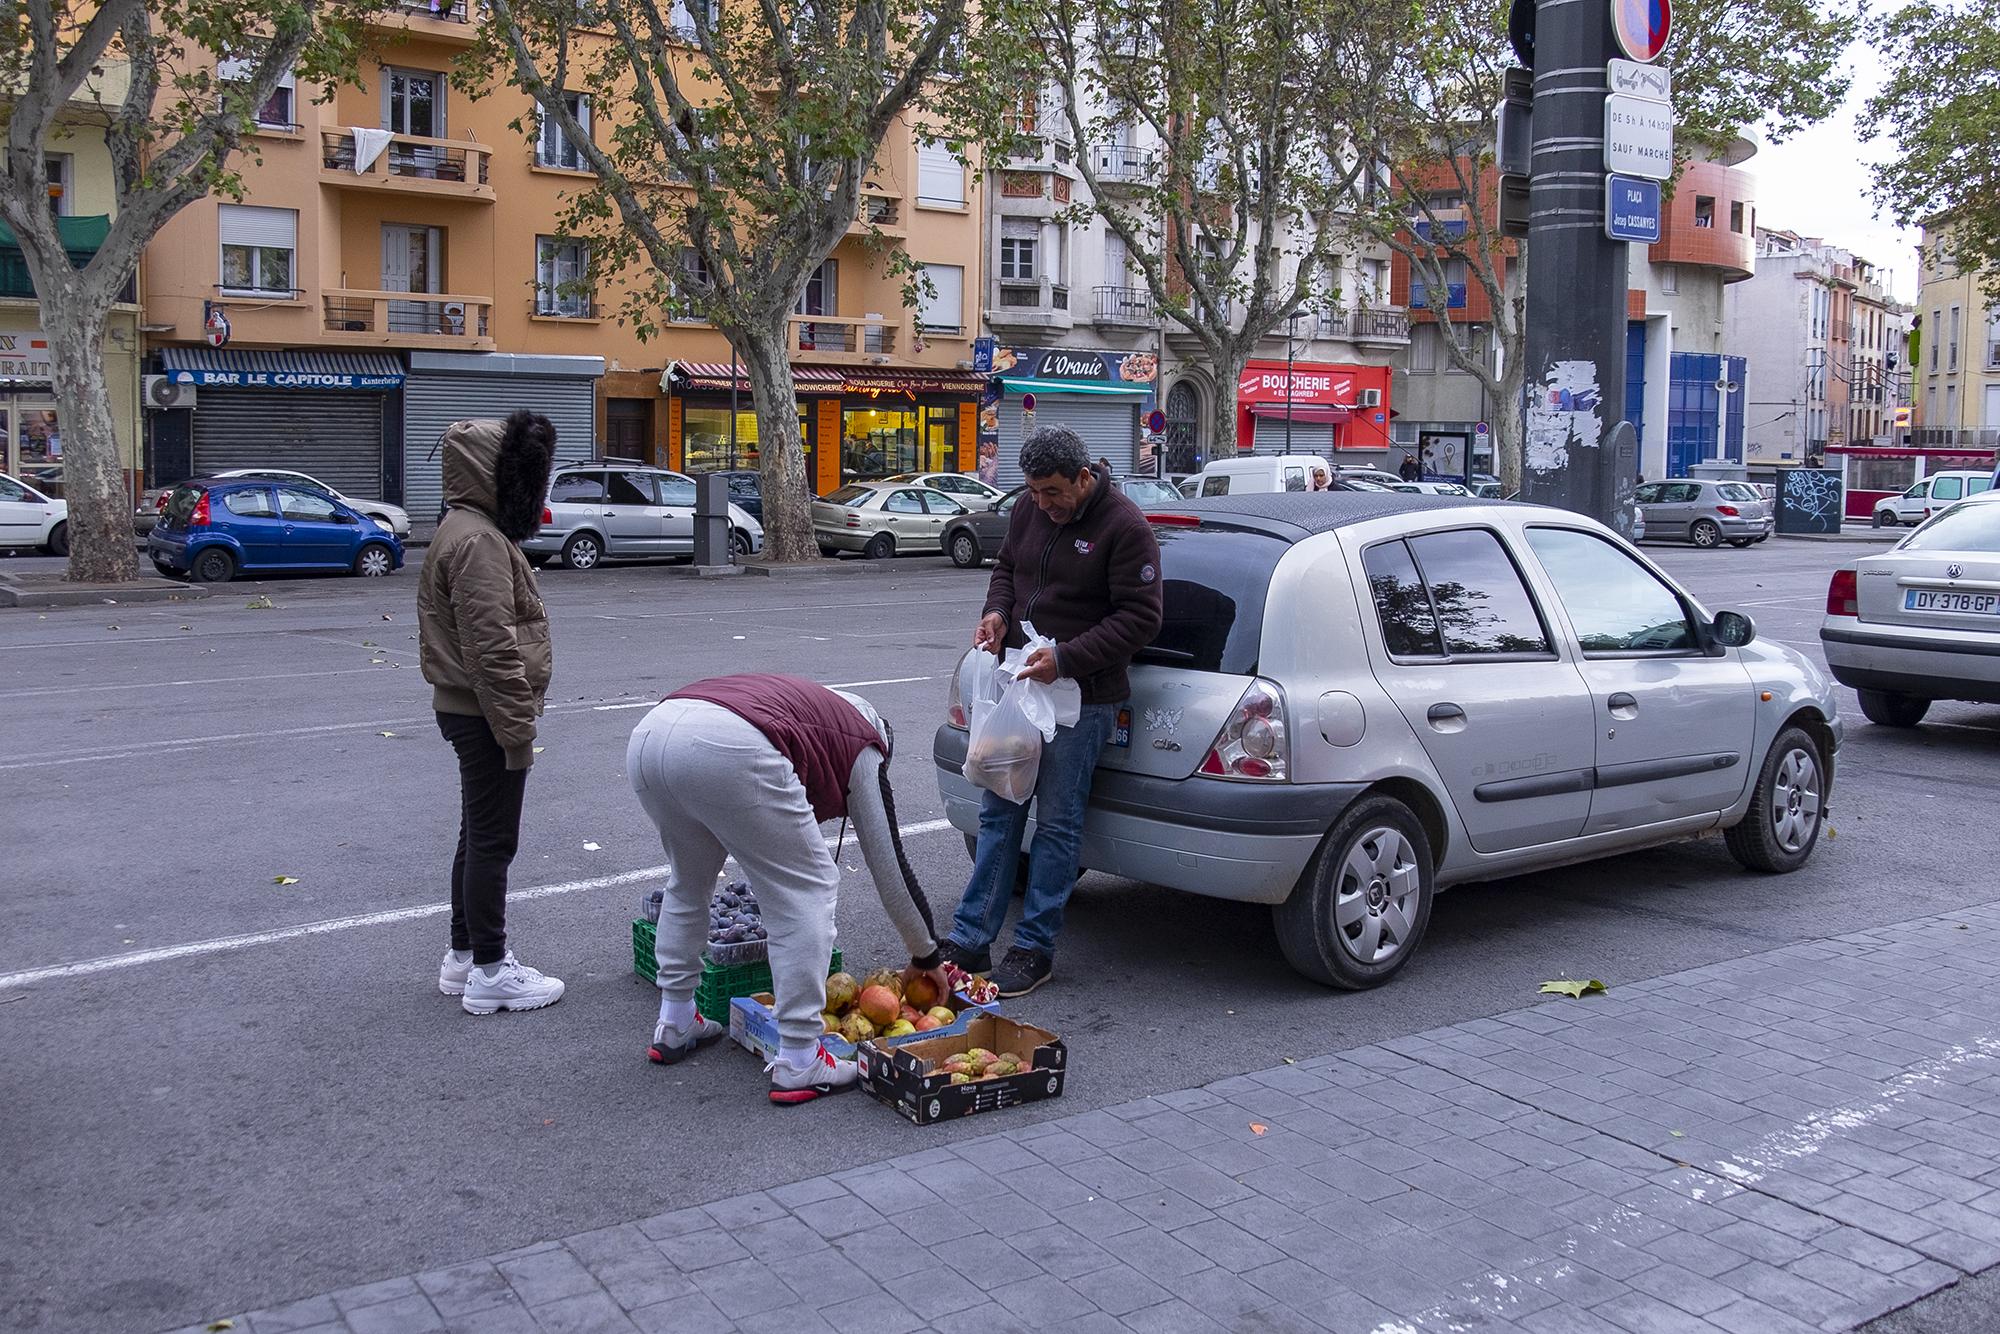 Европа без туристов - это страшно первые, всего, Москве, Барселону, почти, рестораны, чтобы, пекарни, такое, машины, зимой, погода, города, видел, город, возле, встретить, арабского, супермаркета, никого